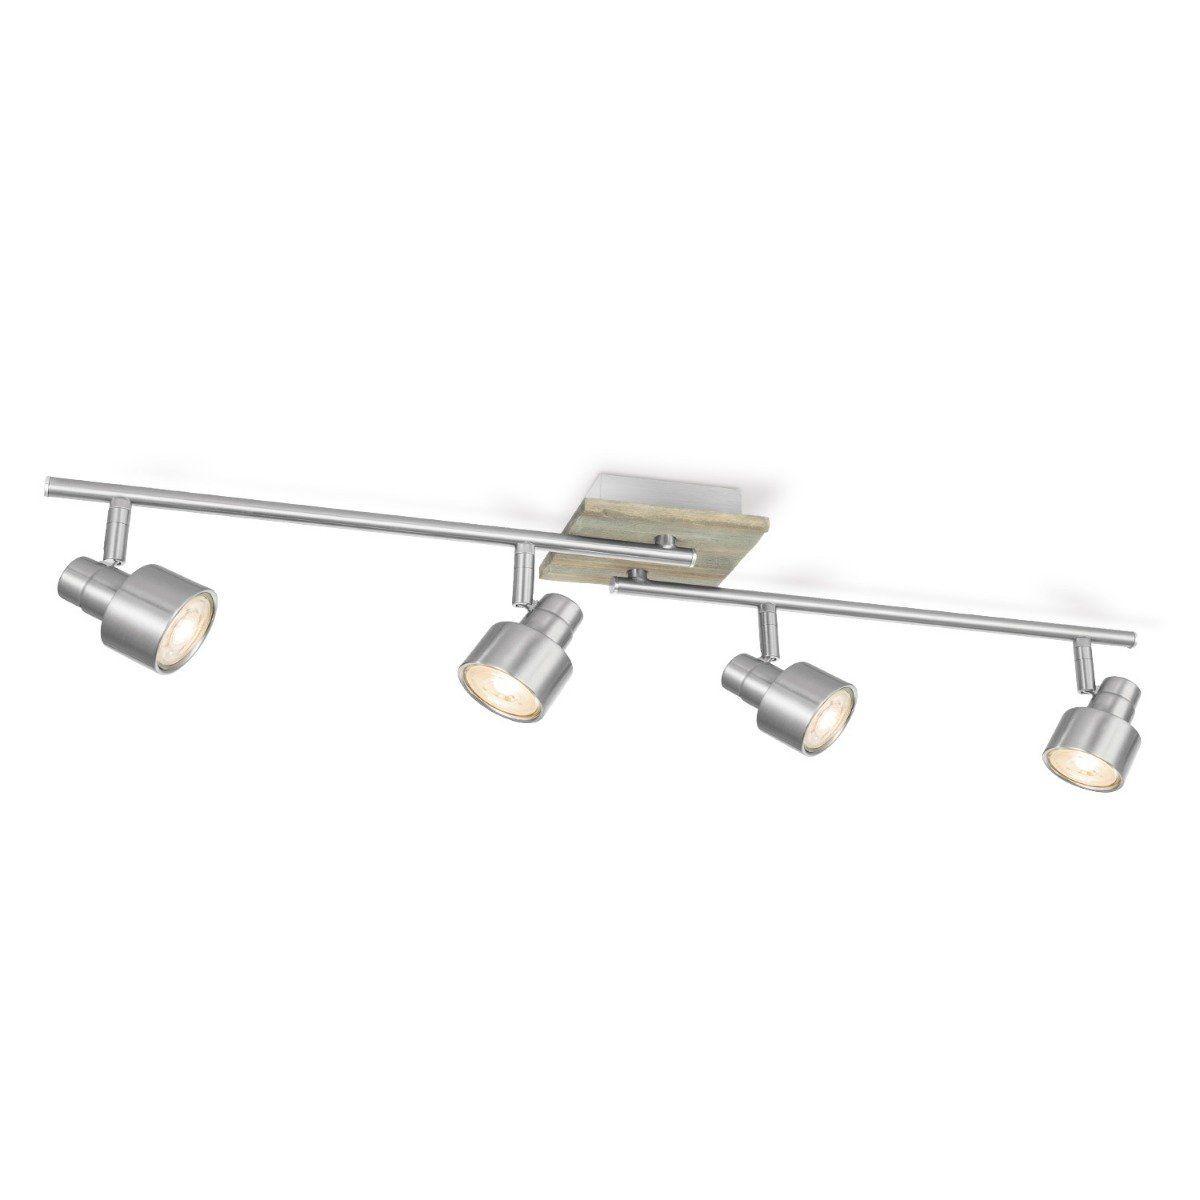 Home sweet home LED opbouwspot Drift 4 lichts ↔ 80,5 cm - mat staal